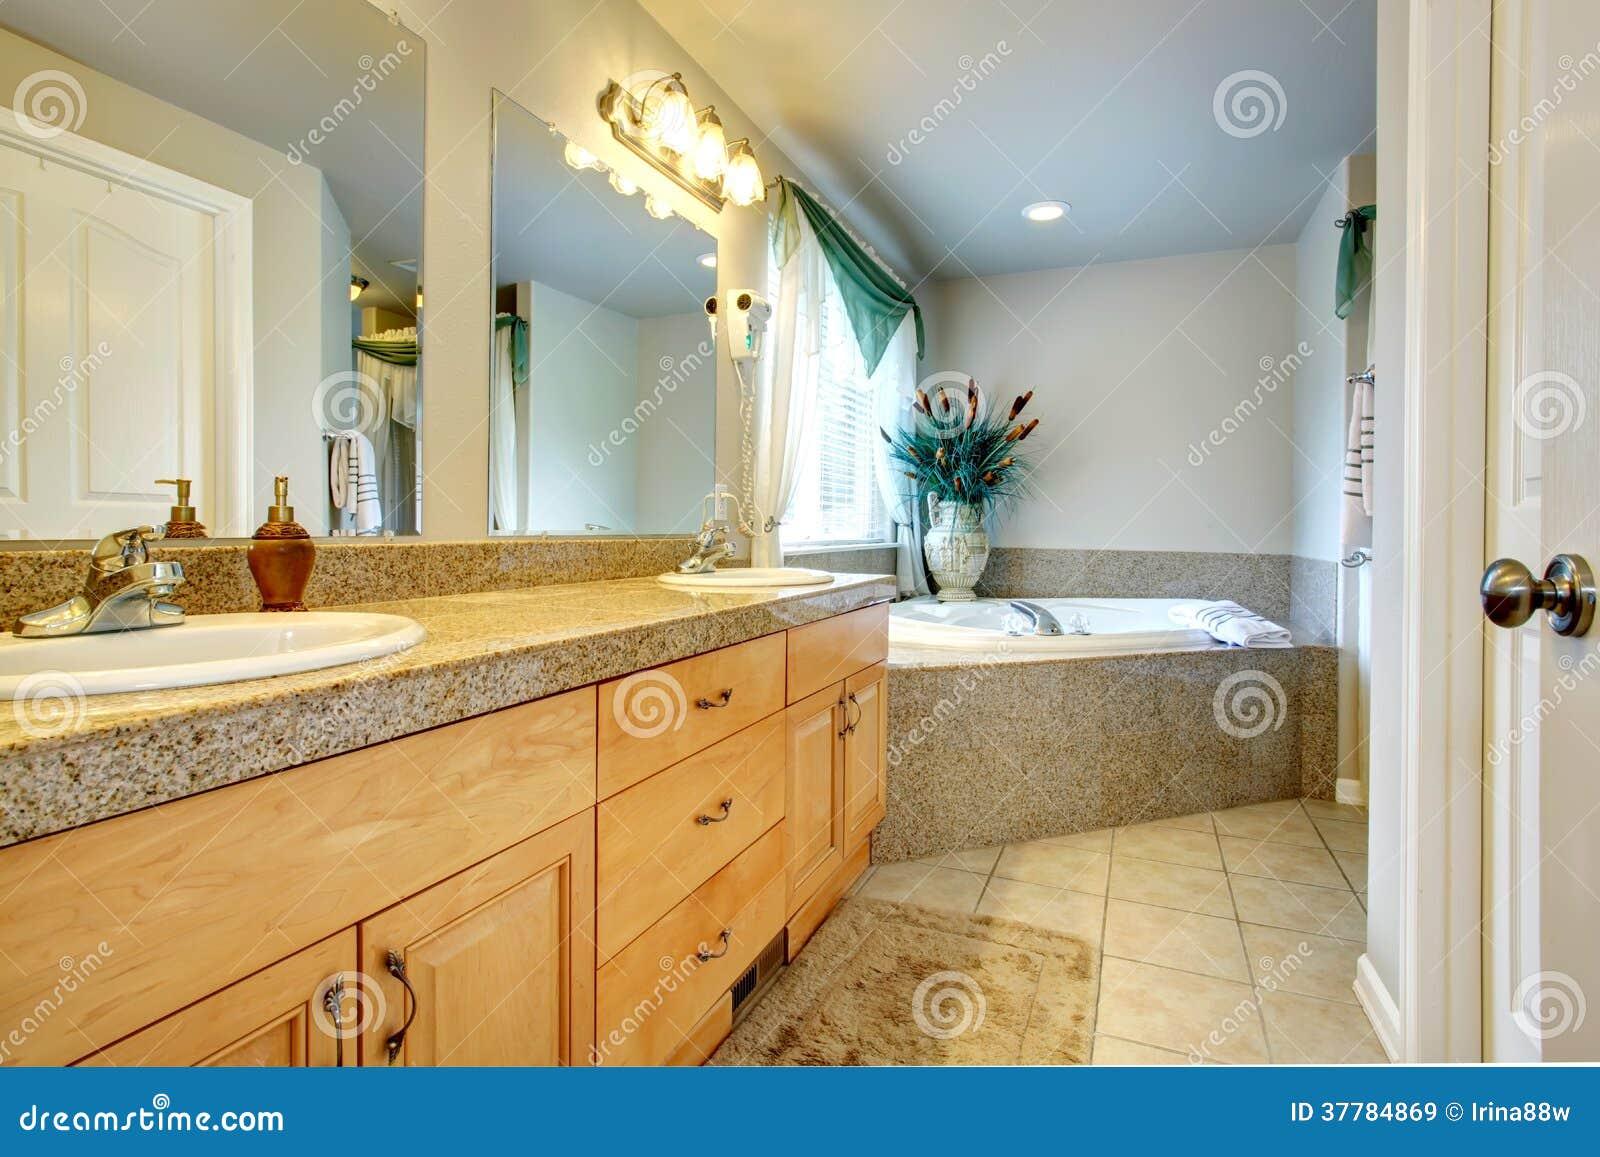 Schönes Badezimmer Mit Whirpool Stockbild - Bild von luxuriös ...